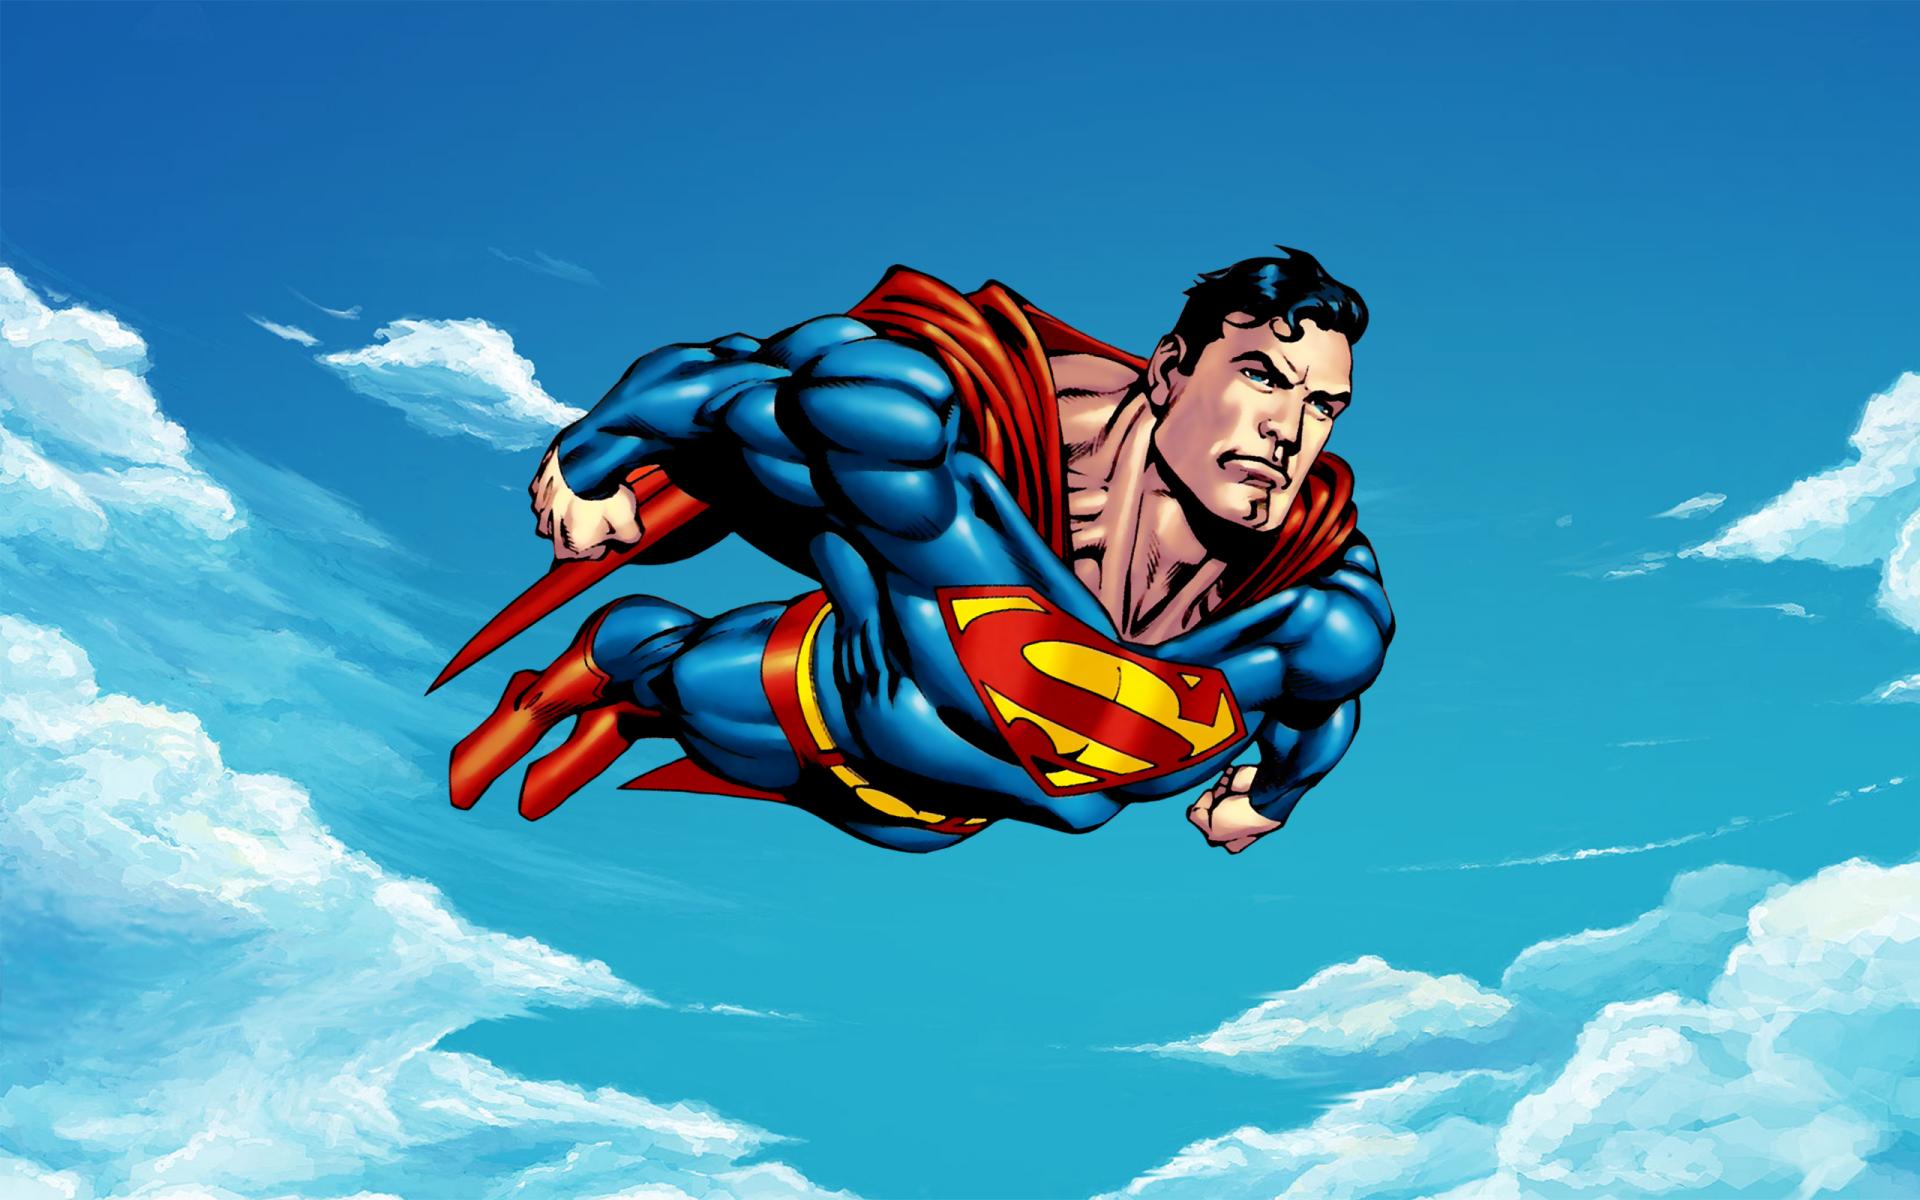 Superman fly desktop background hd 2560x1600 deskbg superman fly desktop background hd 2560x1600 deskbg publicscrutiny Images